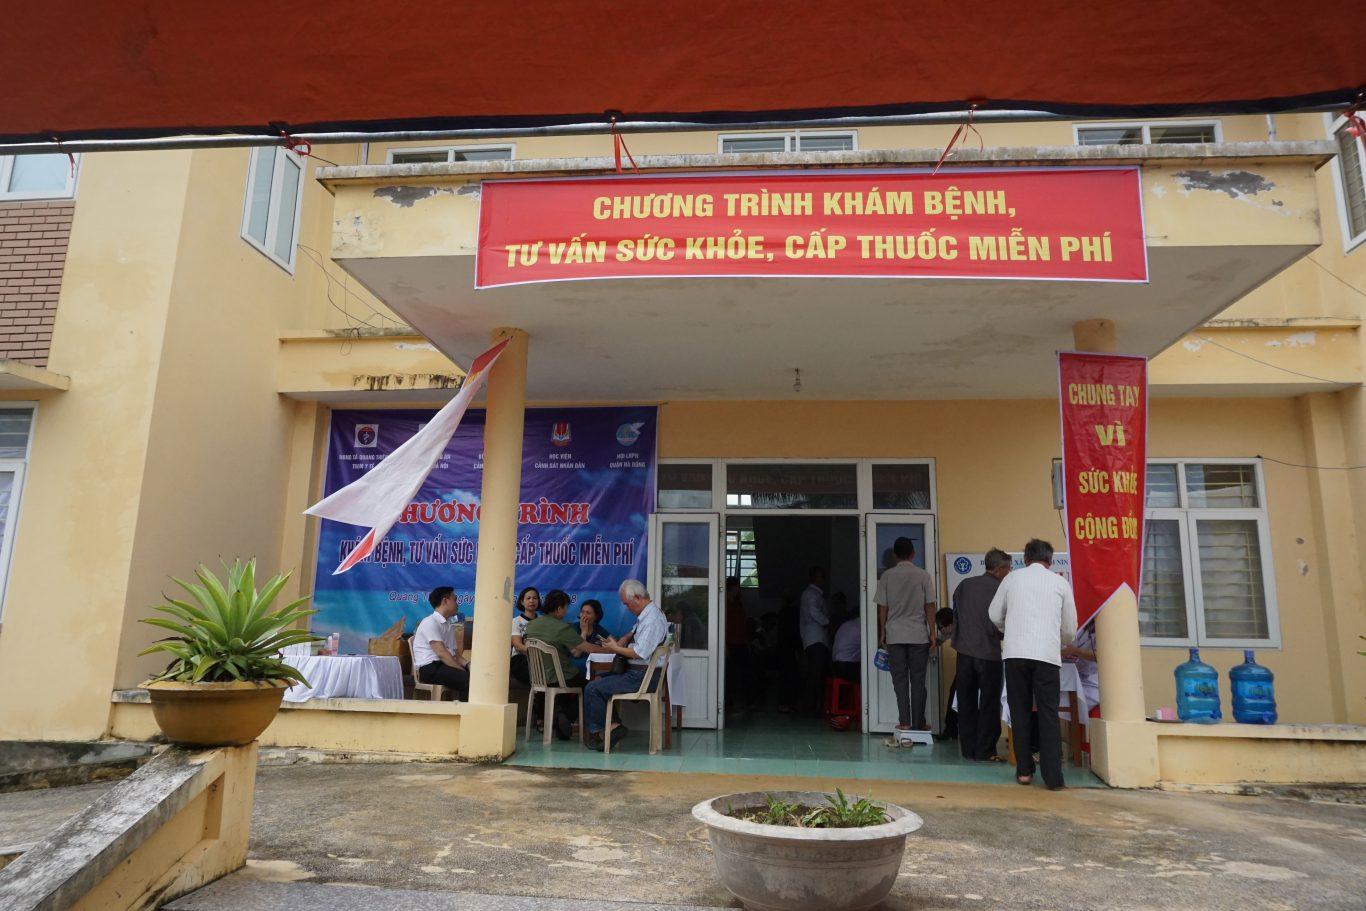 Chương trình khám bệnh, tư vấn và cấp thuốc miễn phí tại xã Quang Thiện, huyện Kim Sơn, tỉnh Ninh Bình